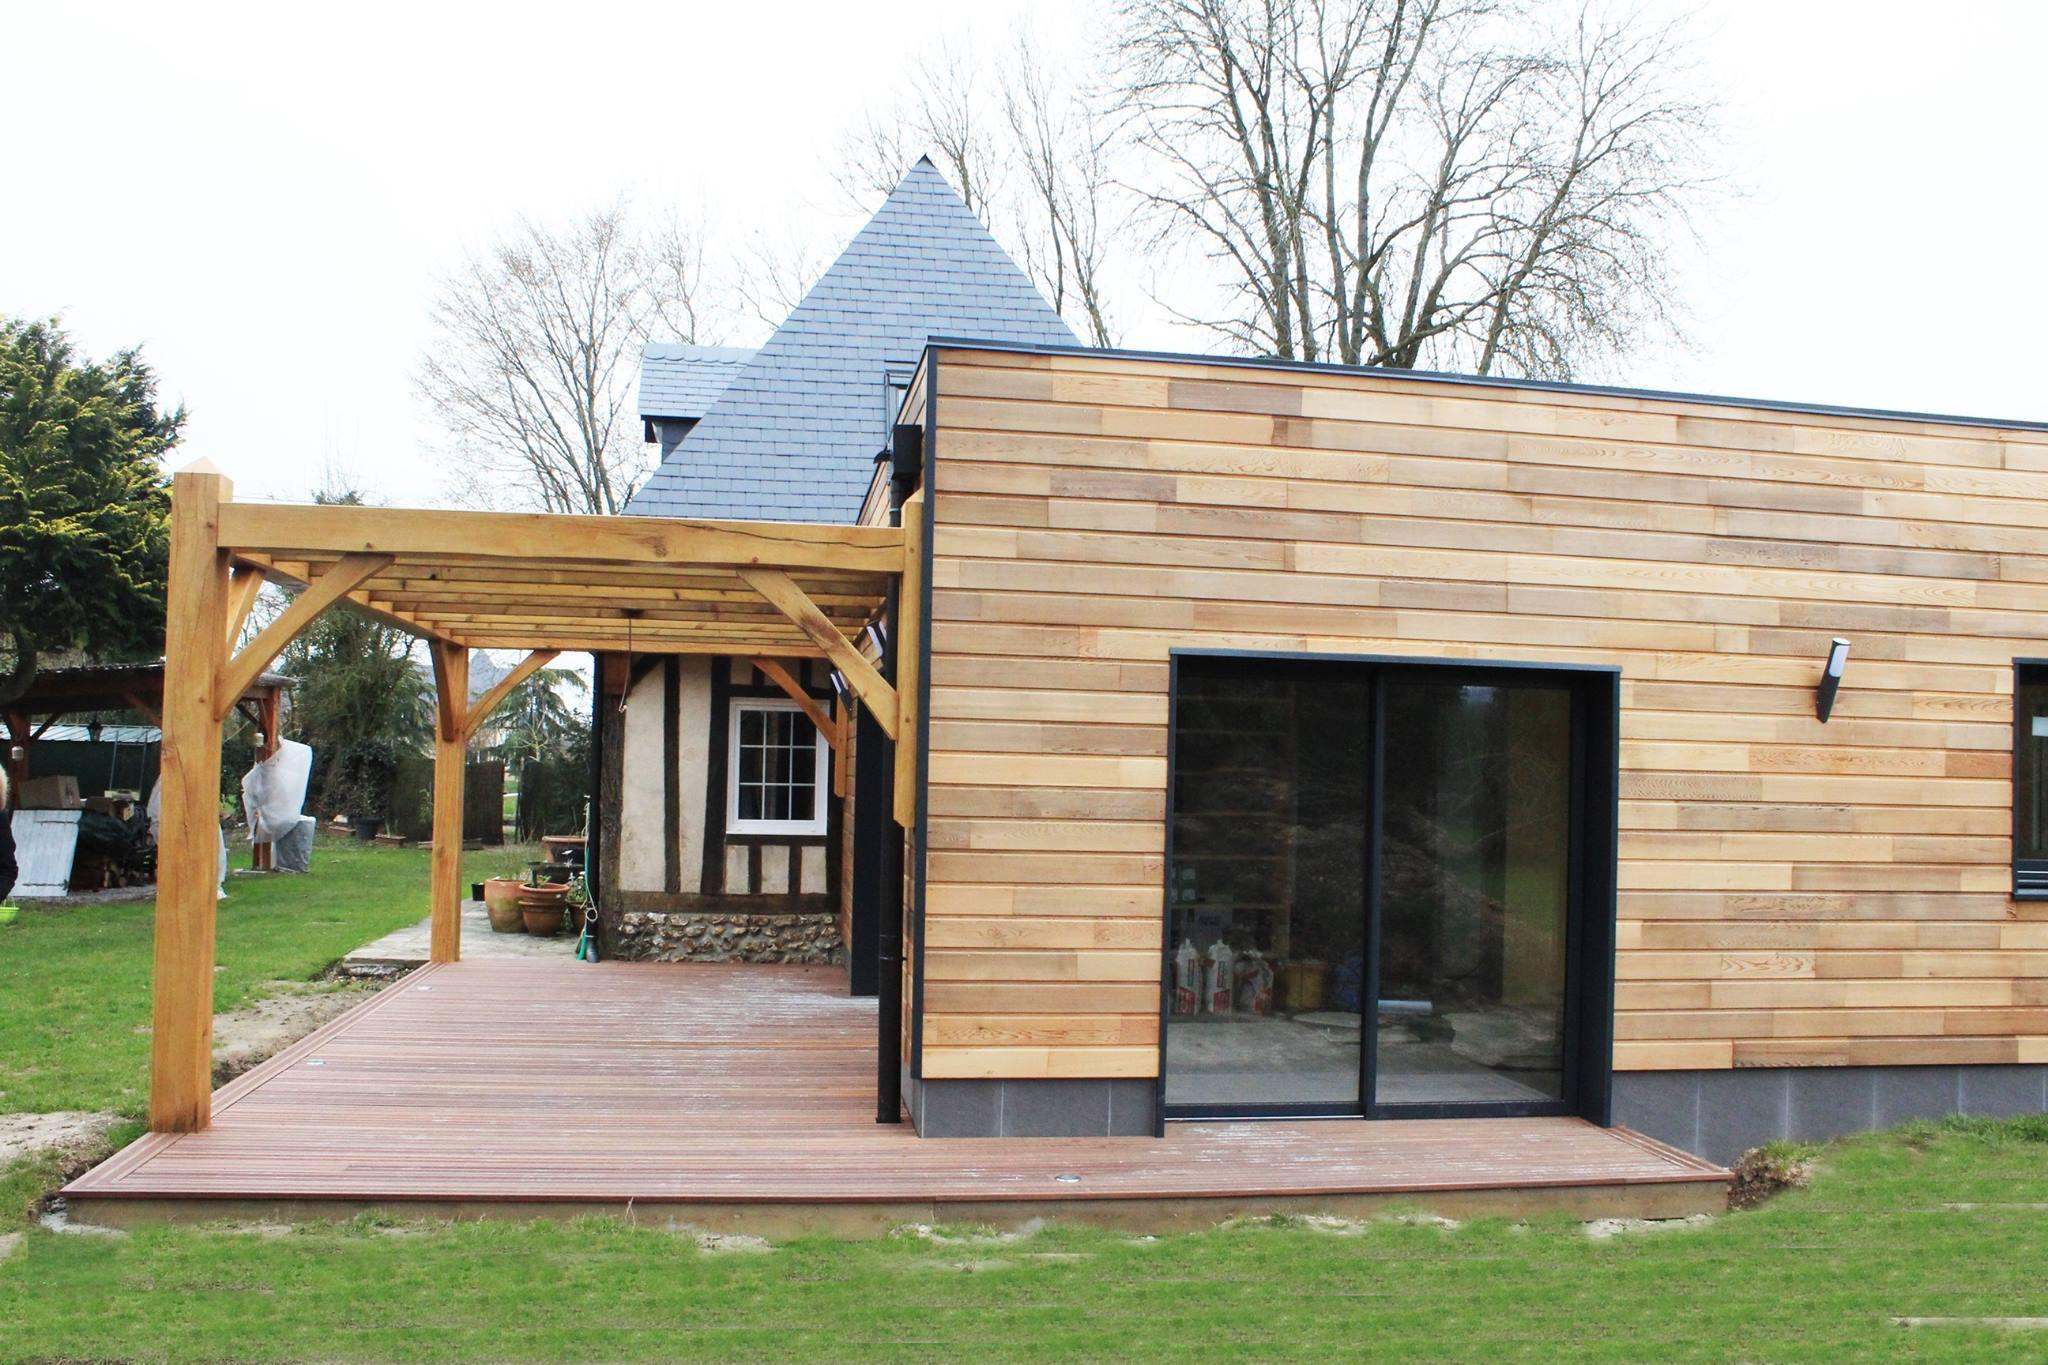 Réalisation d'une extension ossature bois de 70 m2 habitable sur une longère Normande. Construction de style moderne avec son bardage en Red Cedar, ses menuiseries aluminium, et terrasse en bois exotique sous pergolas